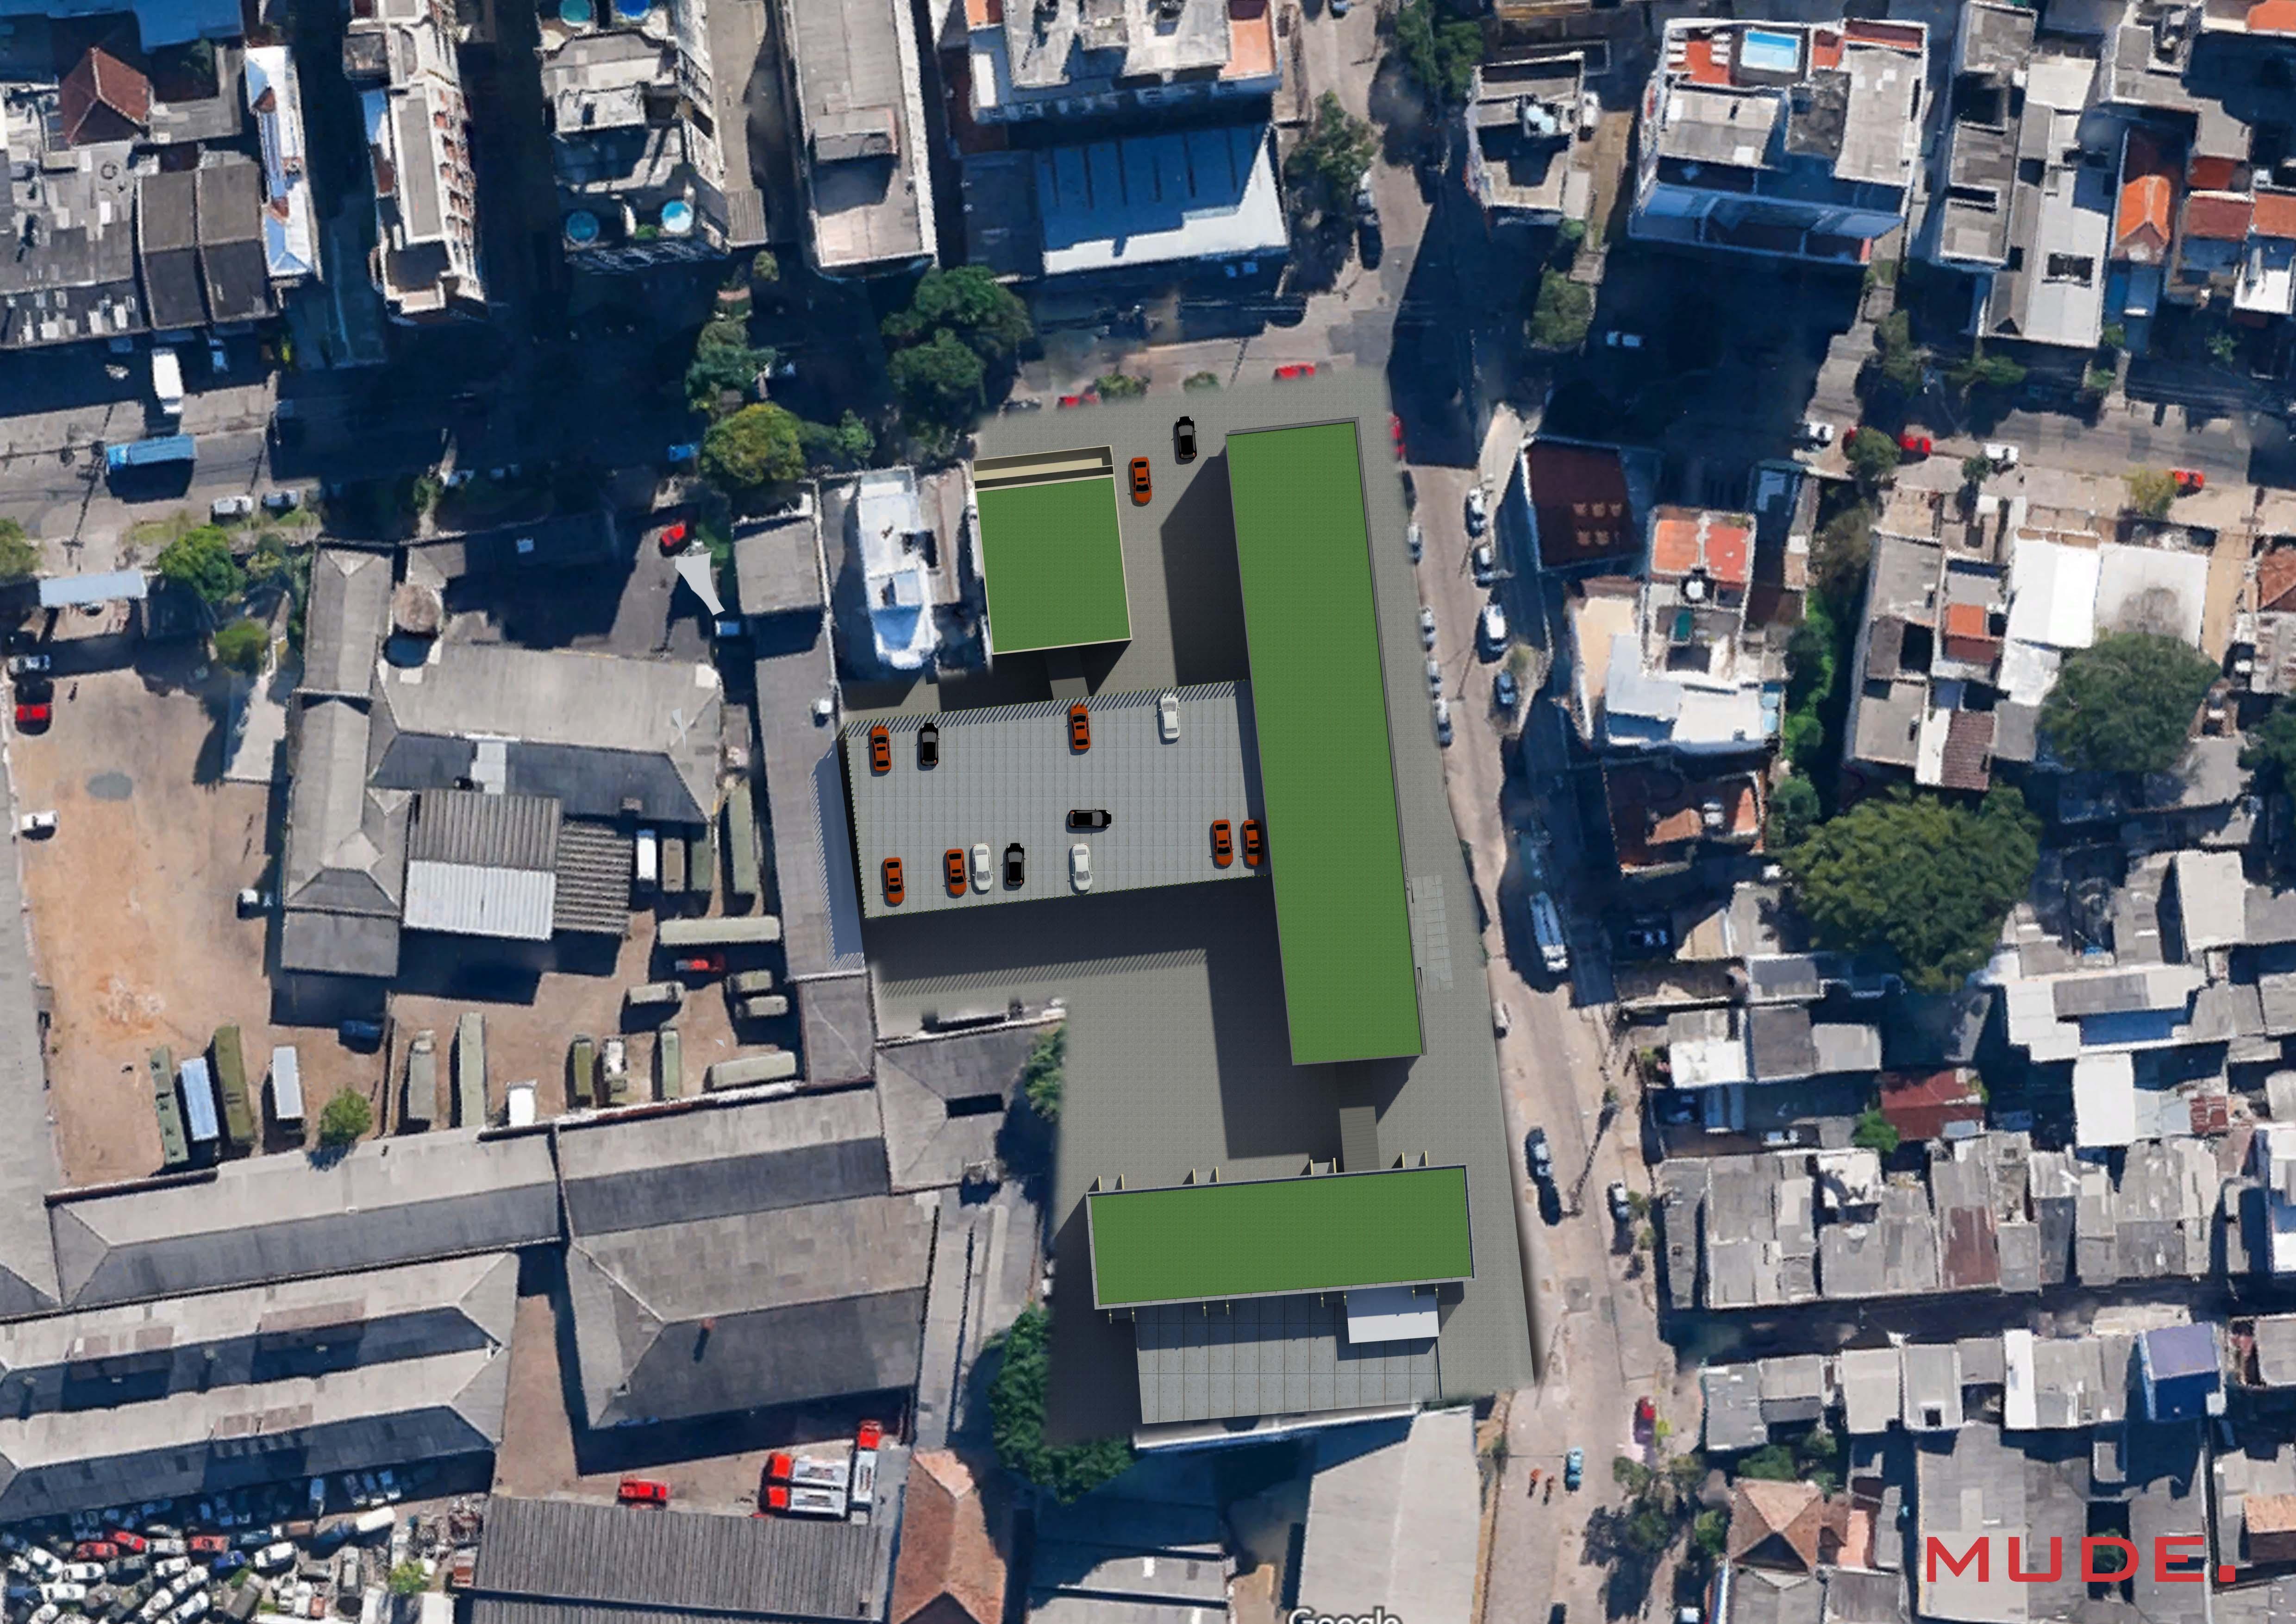 Projeto de construção e interiores realizado pela Mude. em Porto Alegre